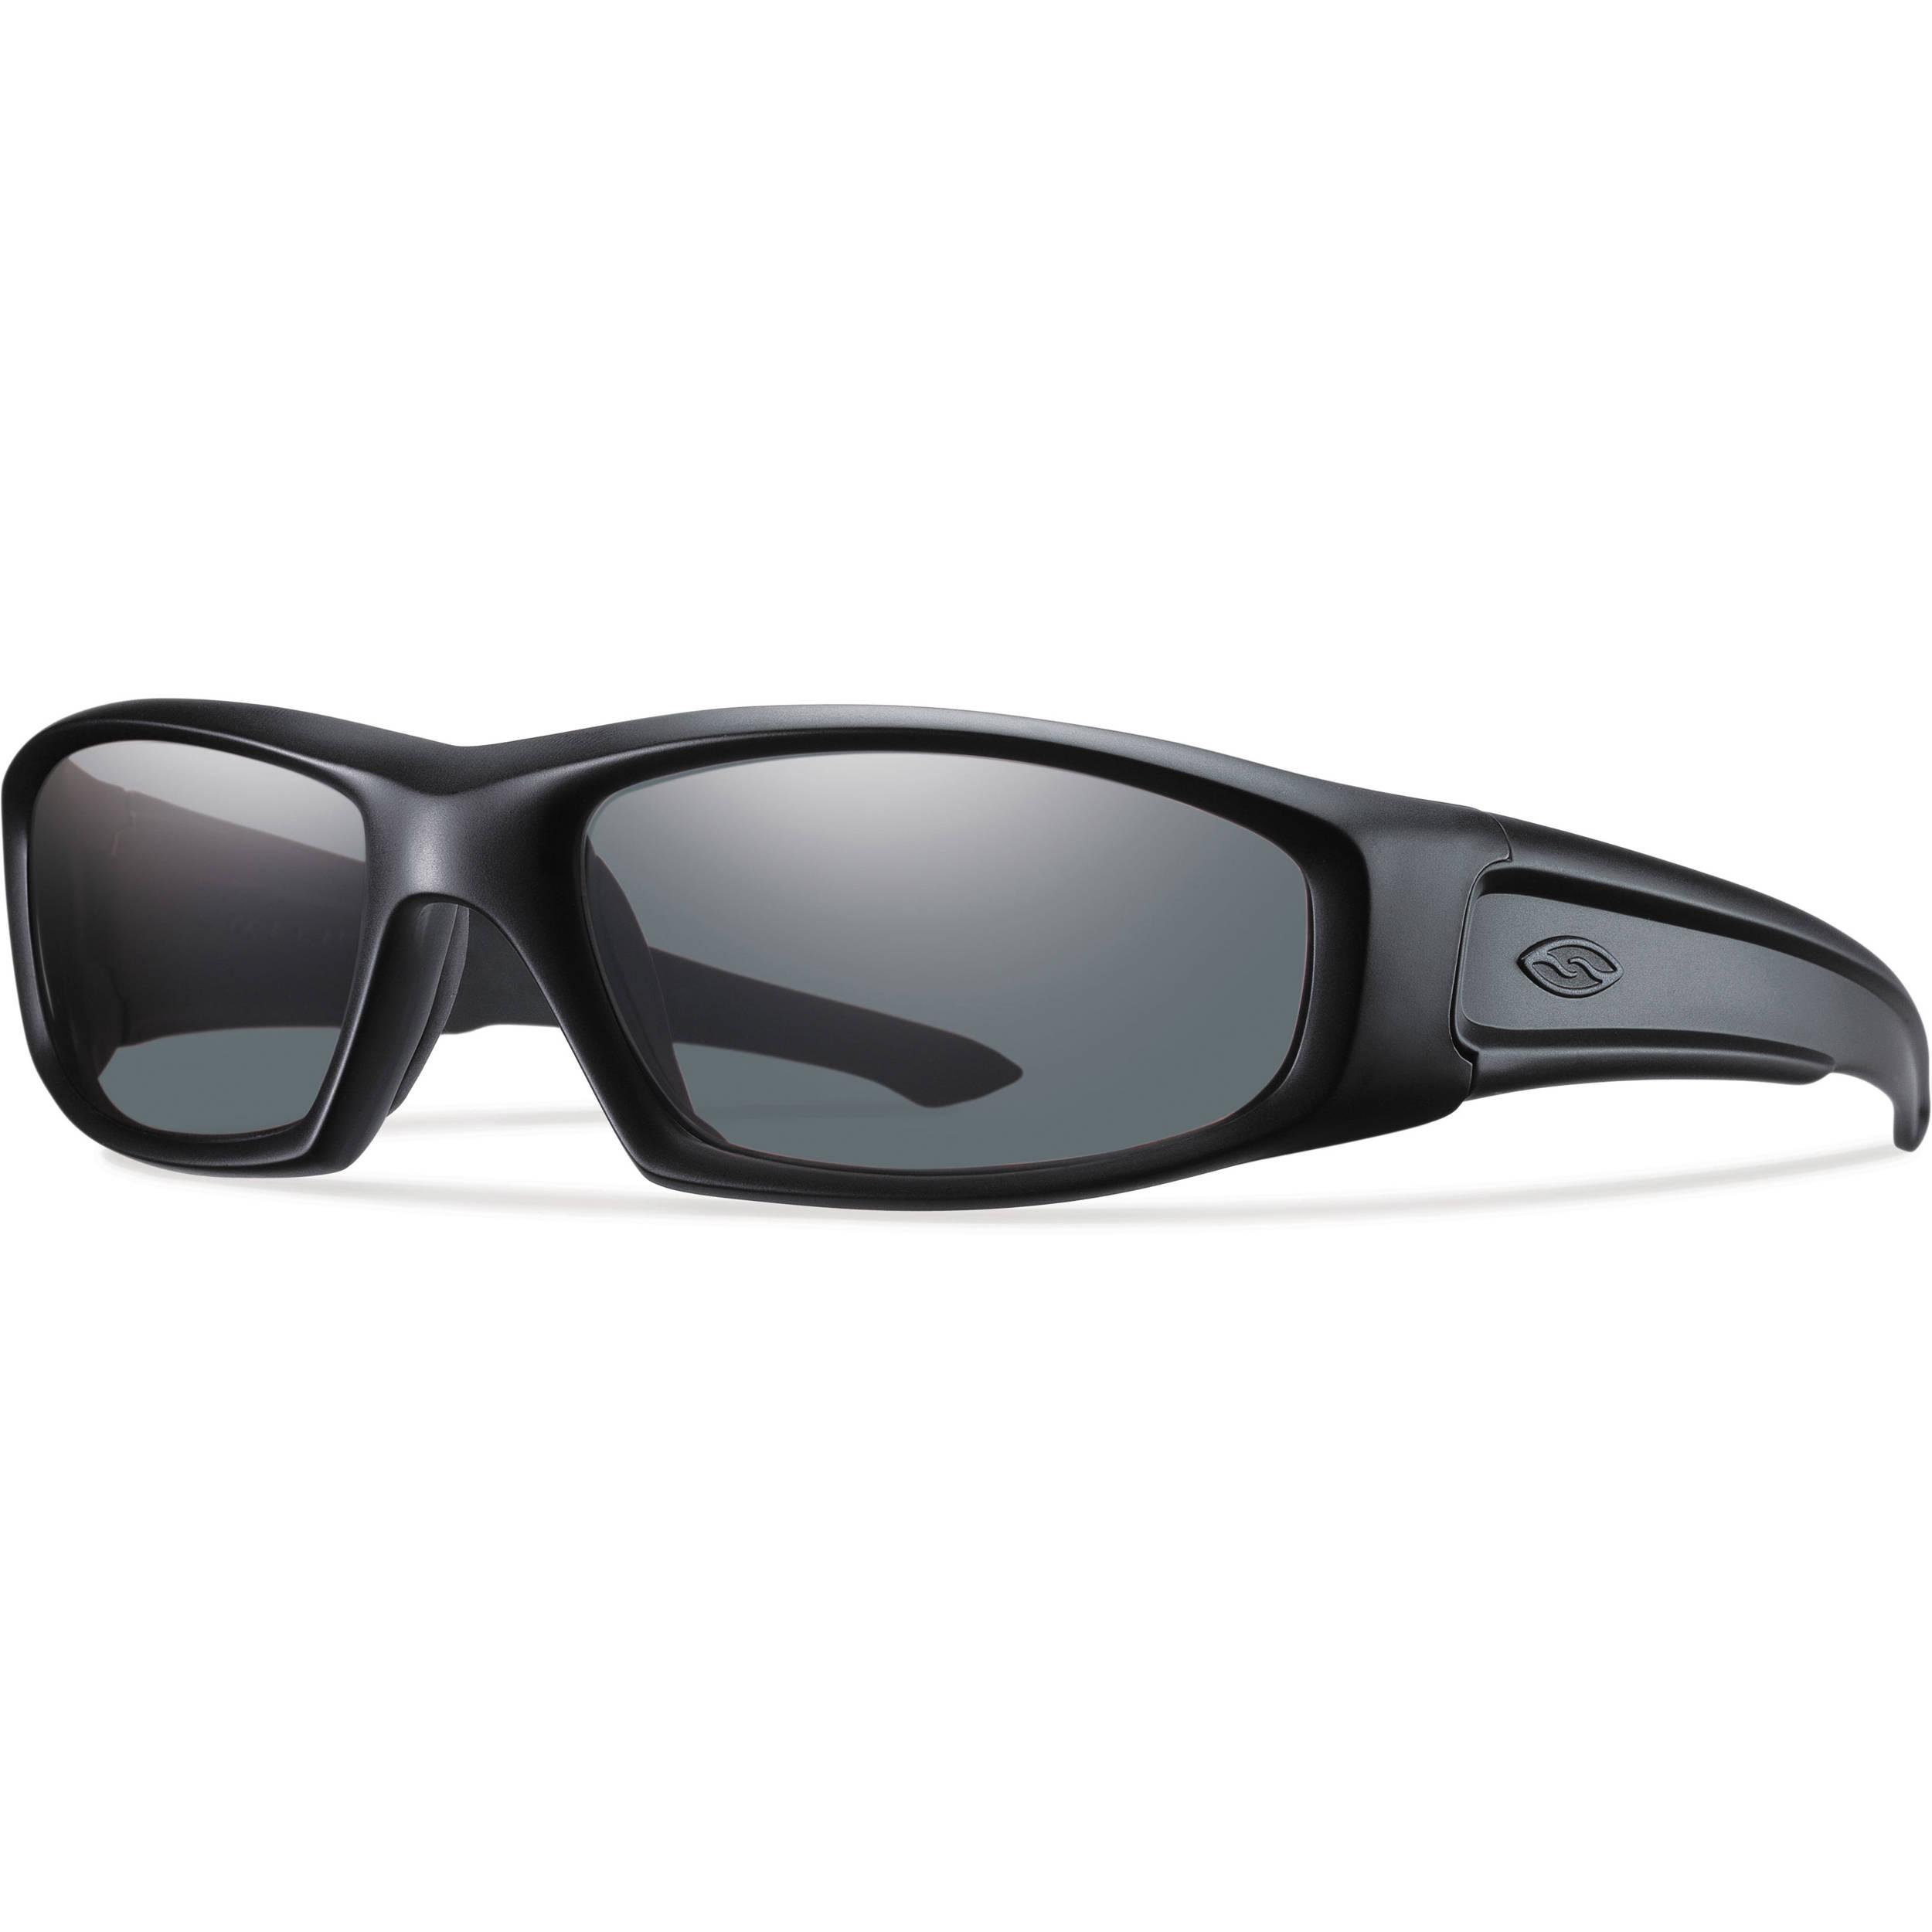 3e1ebd8c532 Tactical Sunglasses Polarized « One More Soul